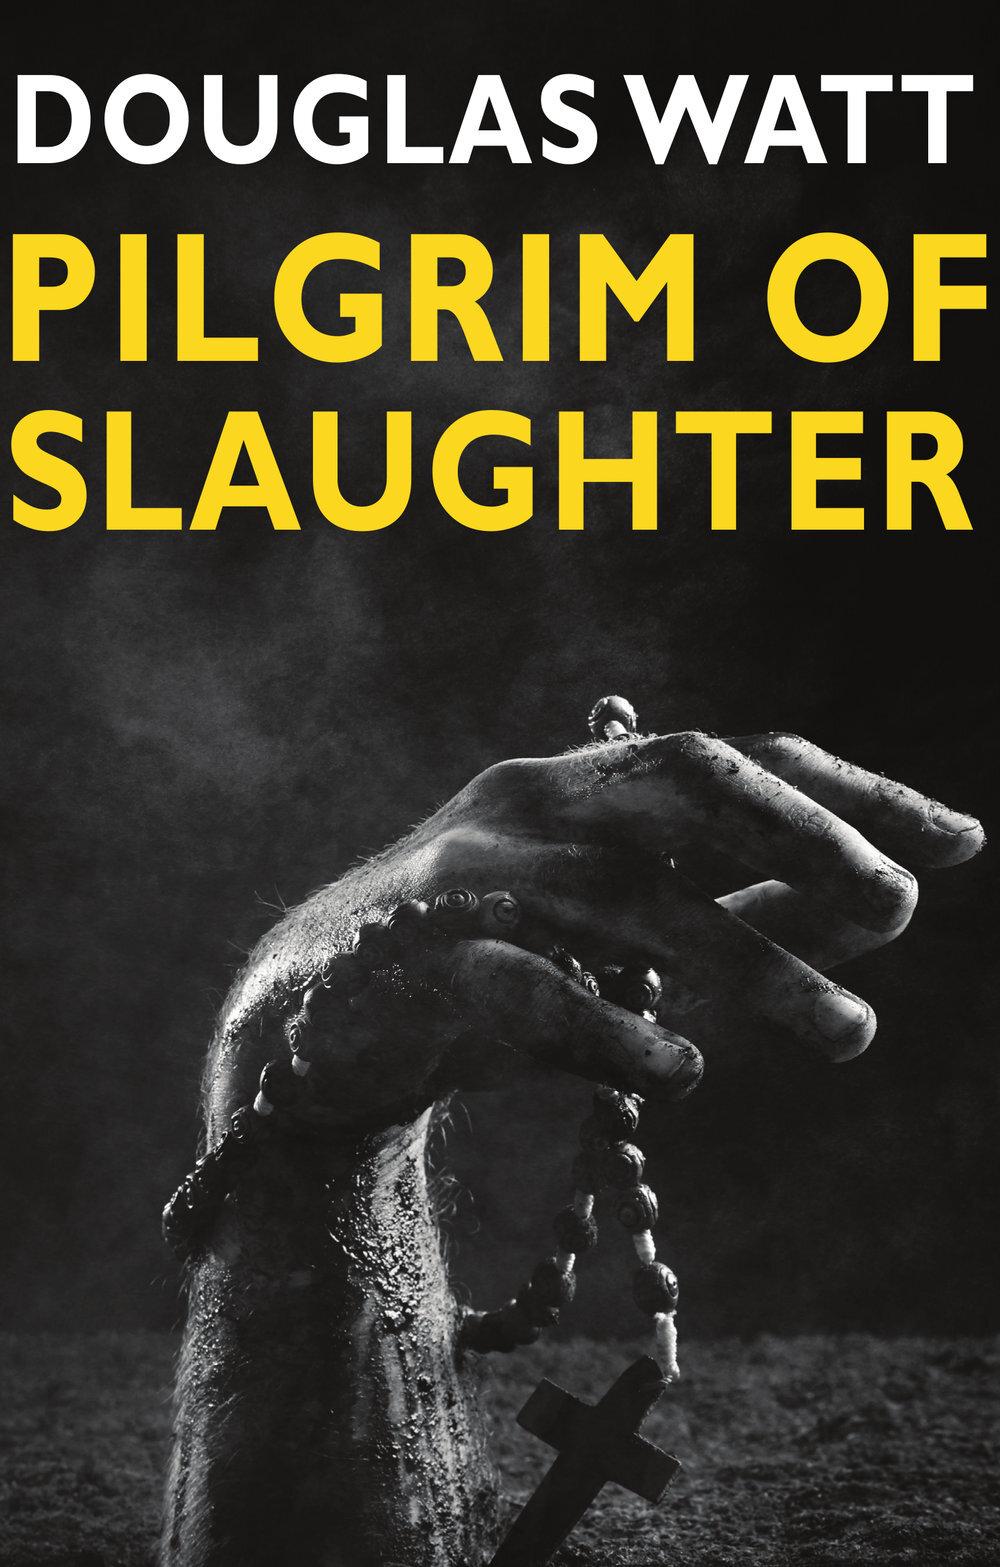 Pilgrim+of+Slaughter+reprint Luath Press.jpg